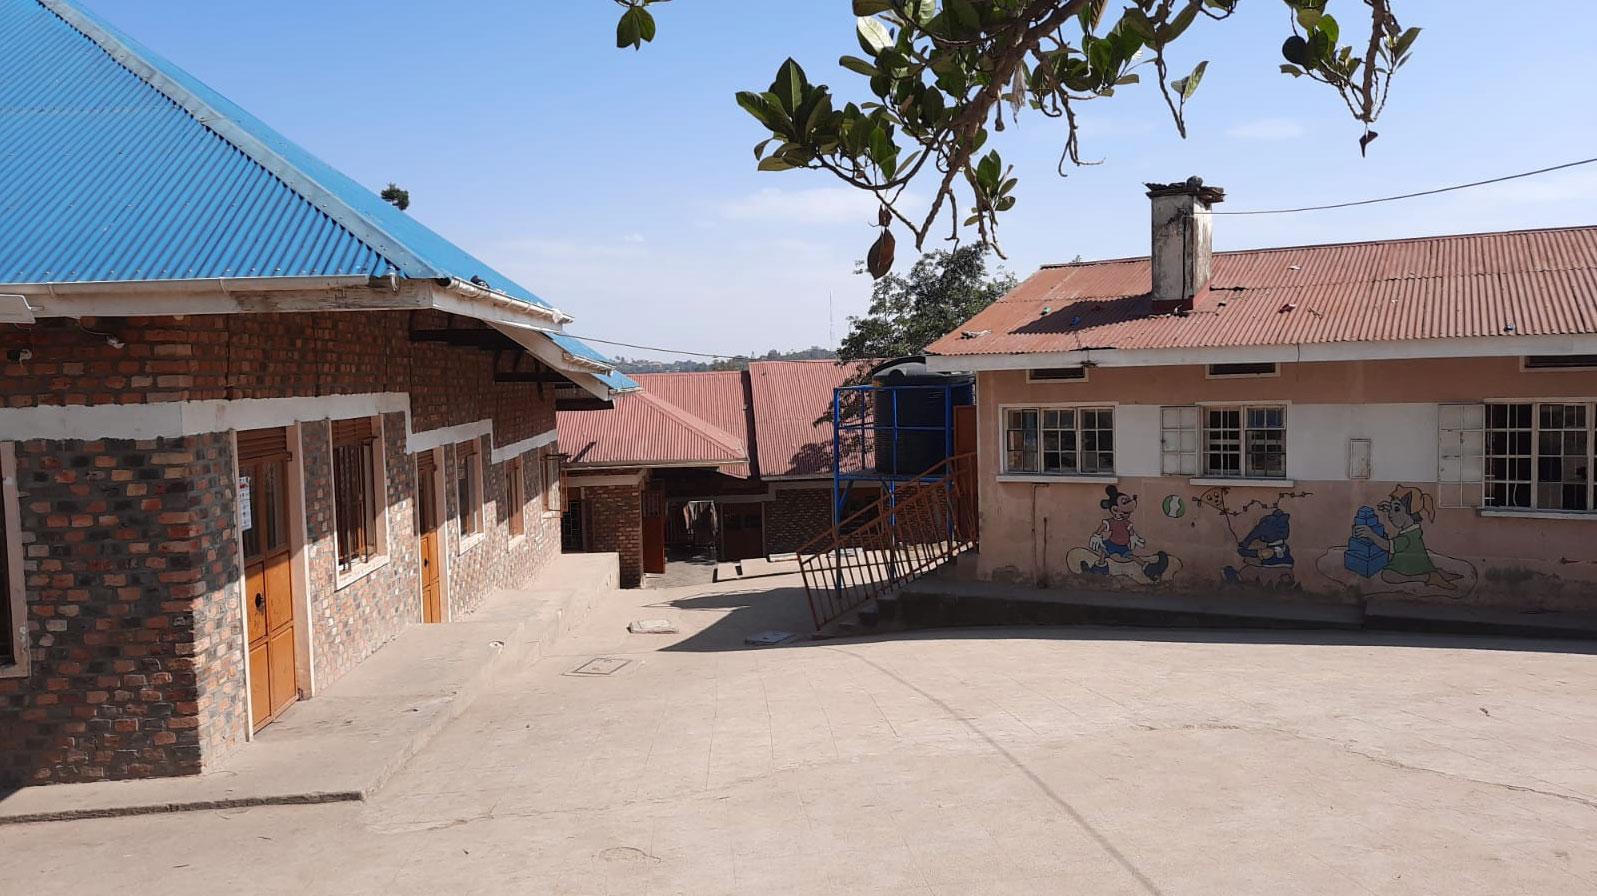 jestescieswiatlem-Budowa-domu-dla-bezdomnych-dzieci-w-Ugandzie-10